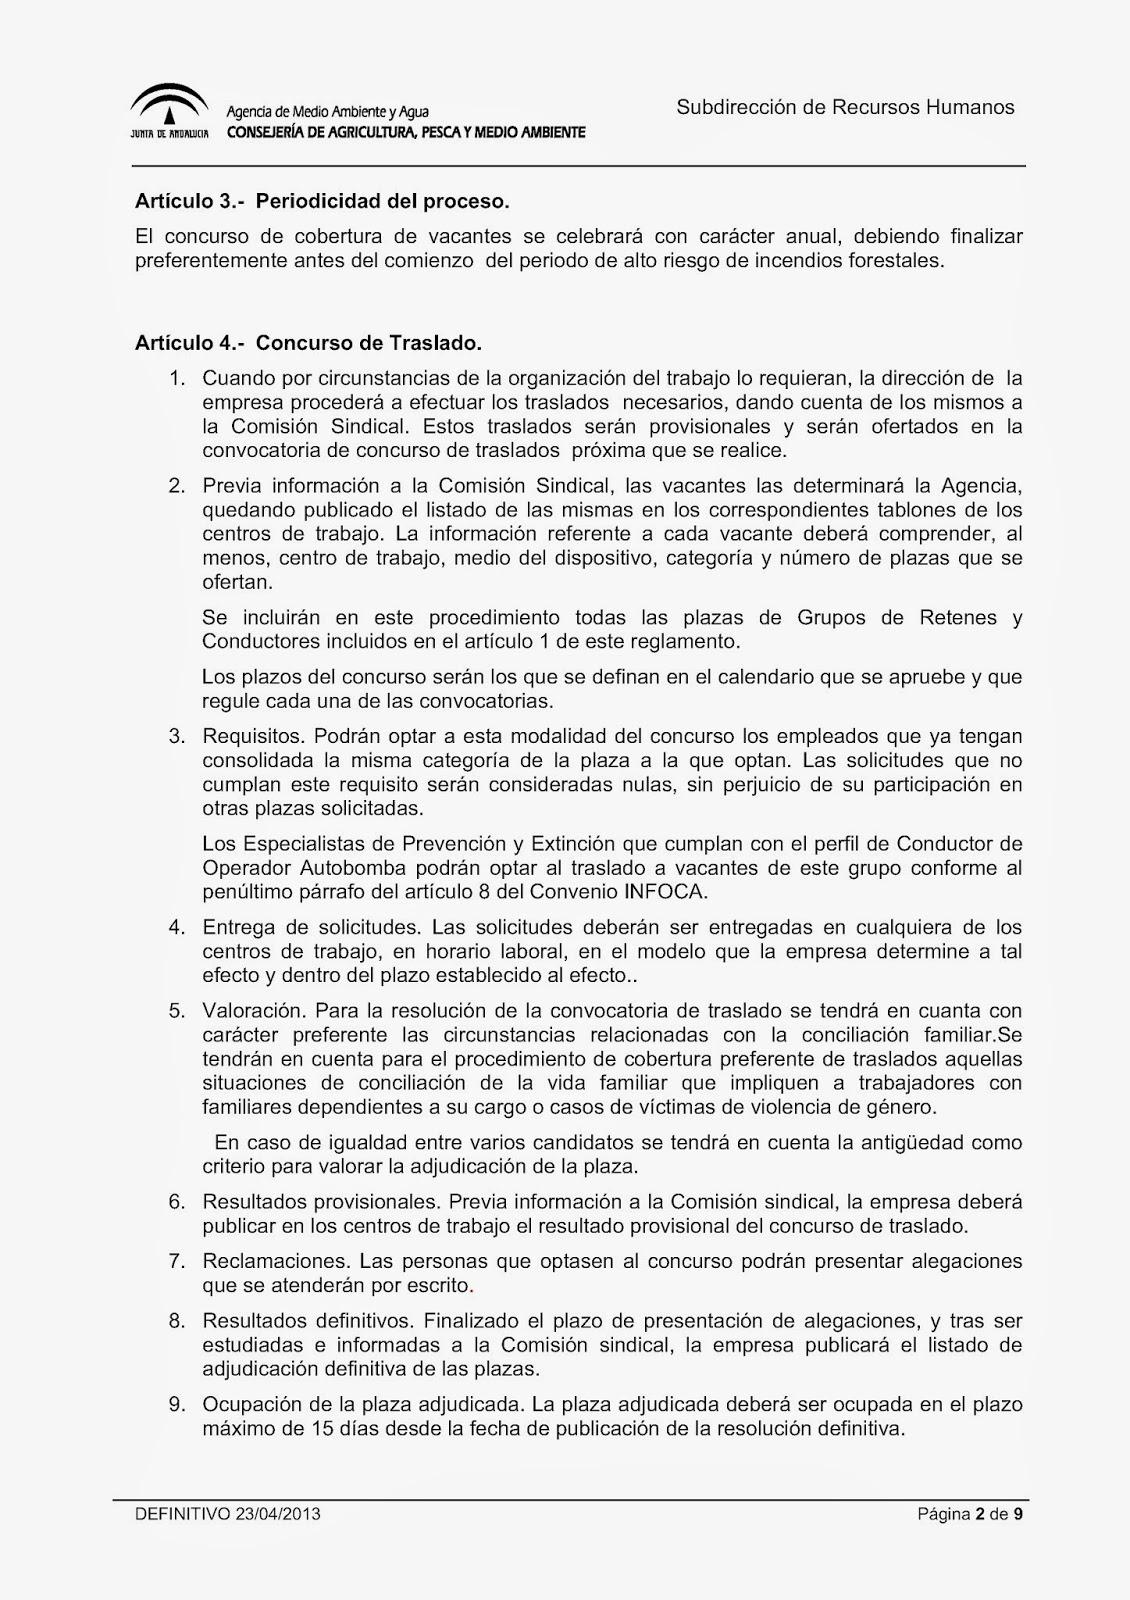 ESTAMOS DE VUELTA! SECCION SINDICAL UGT AGENCIA MEDIOAMBIENTE Y AGUA ...